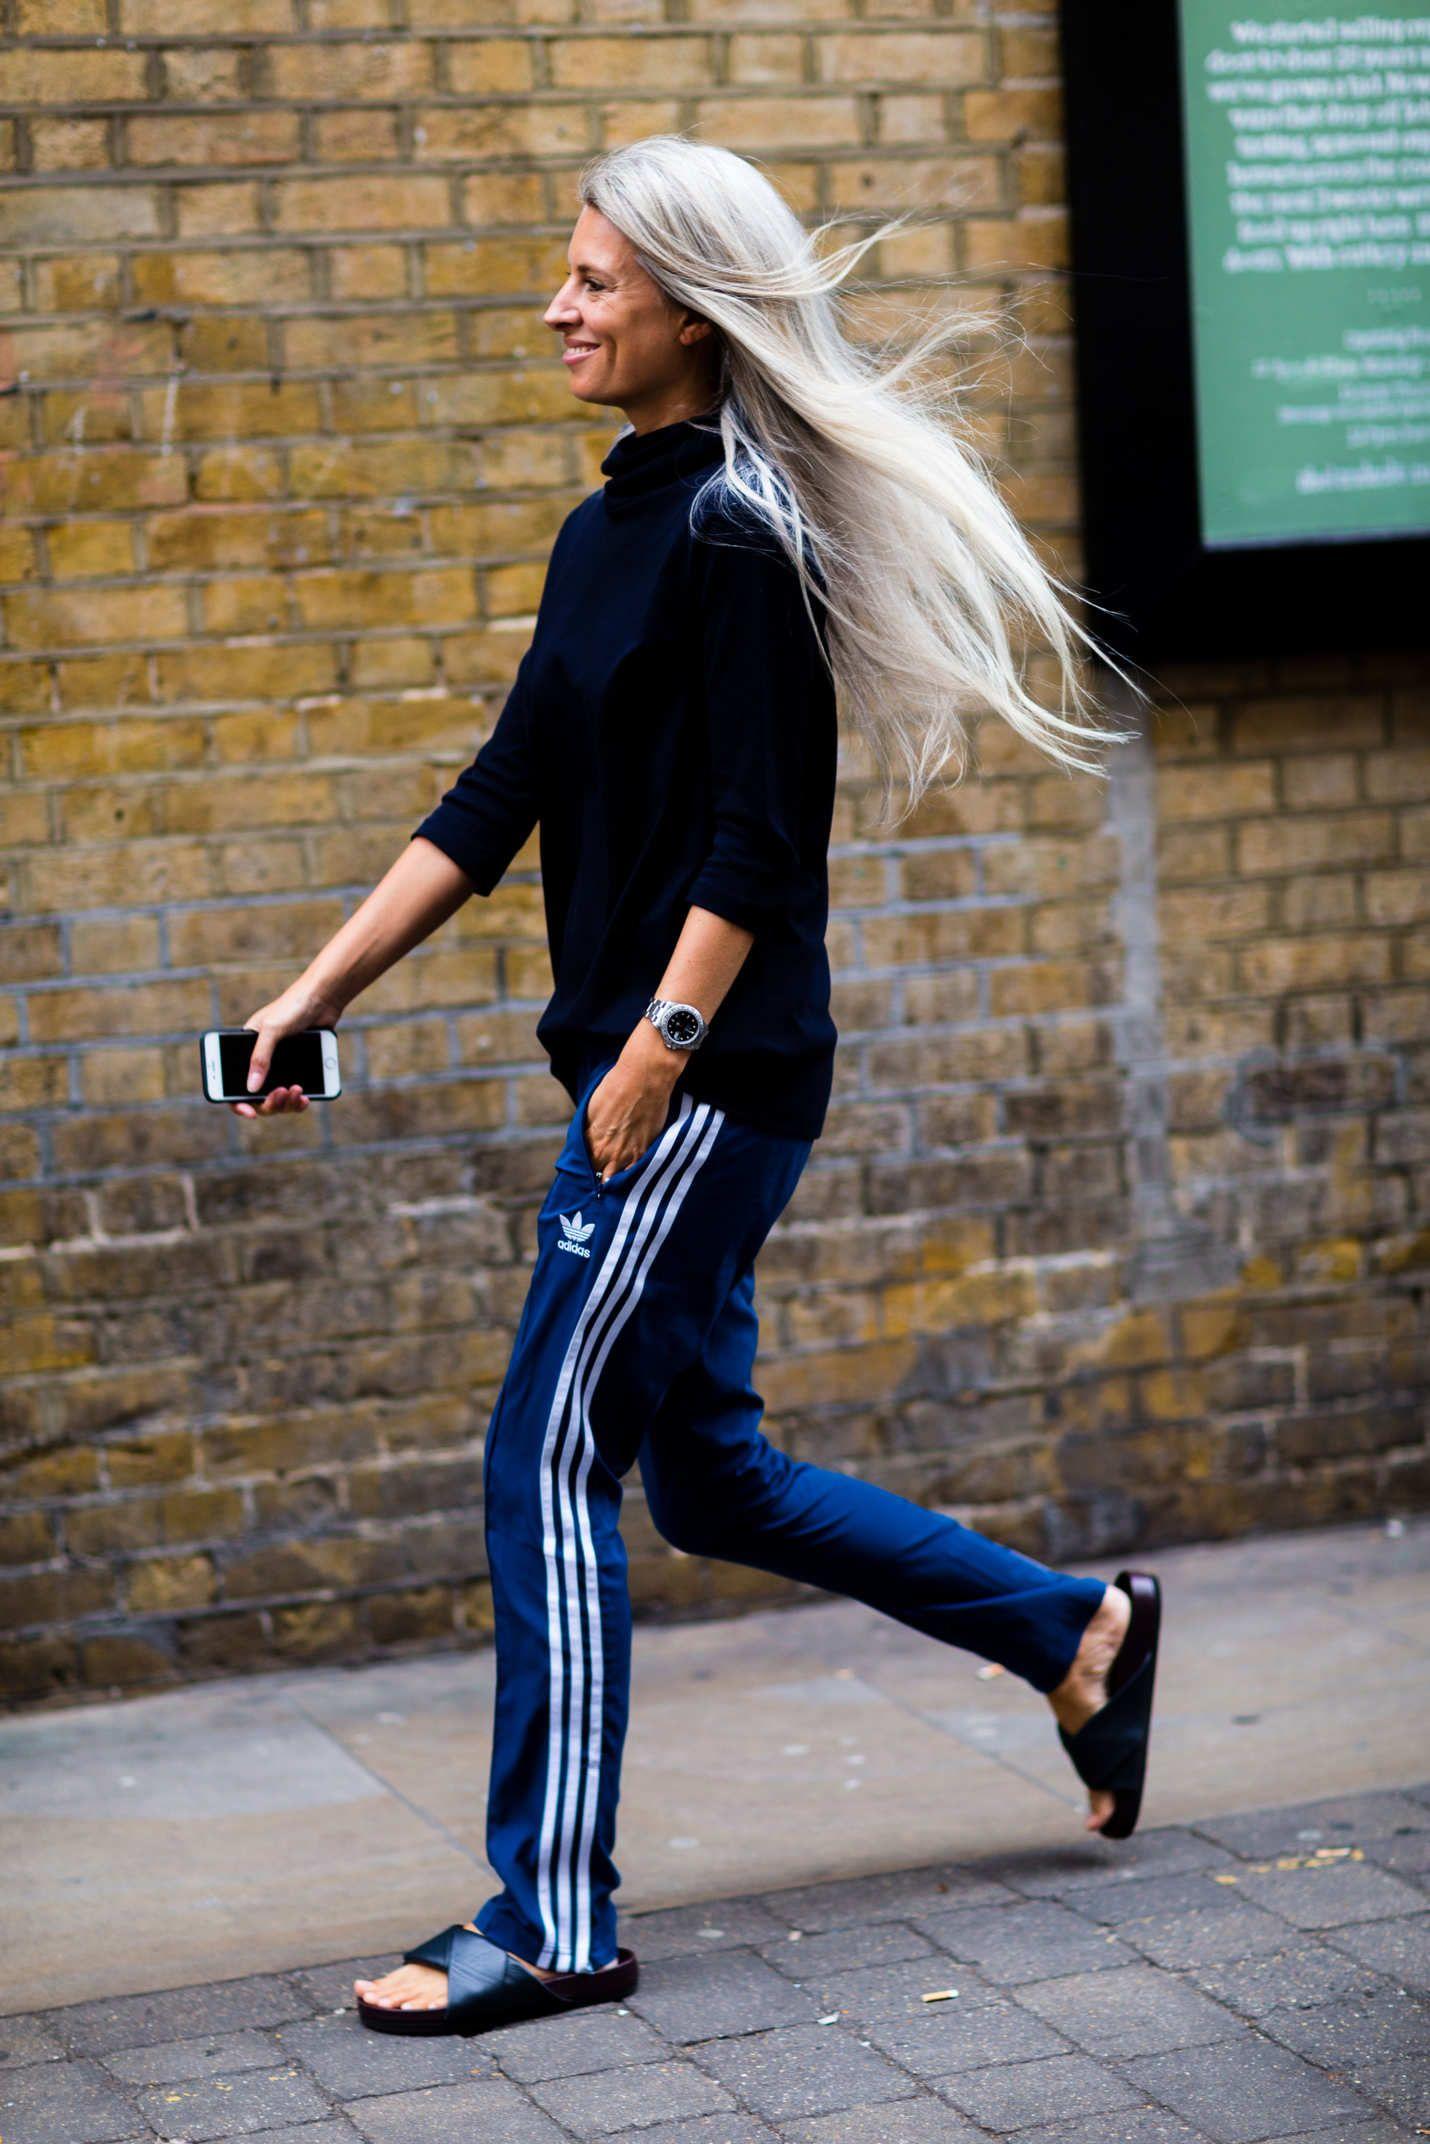 Like the adidas pants | That's how i like it | Fashion ...